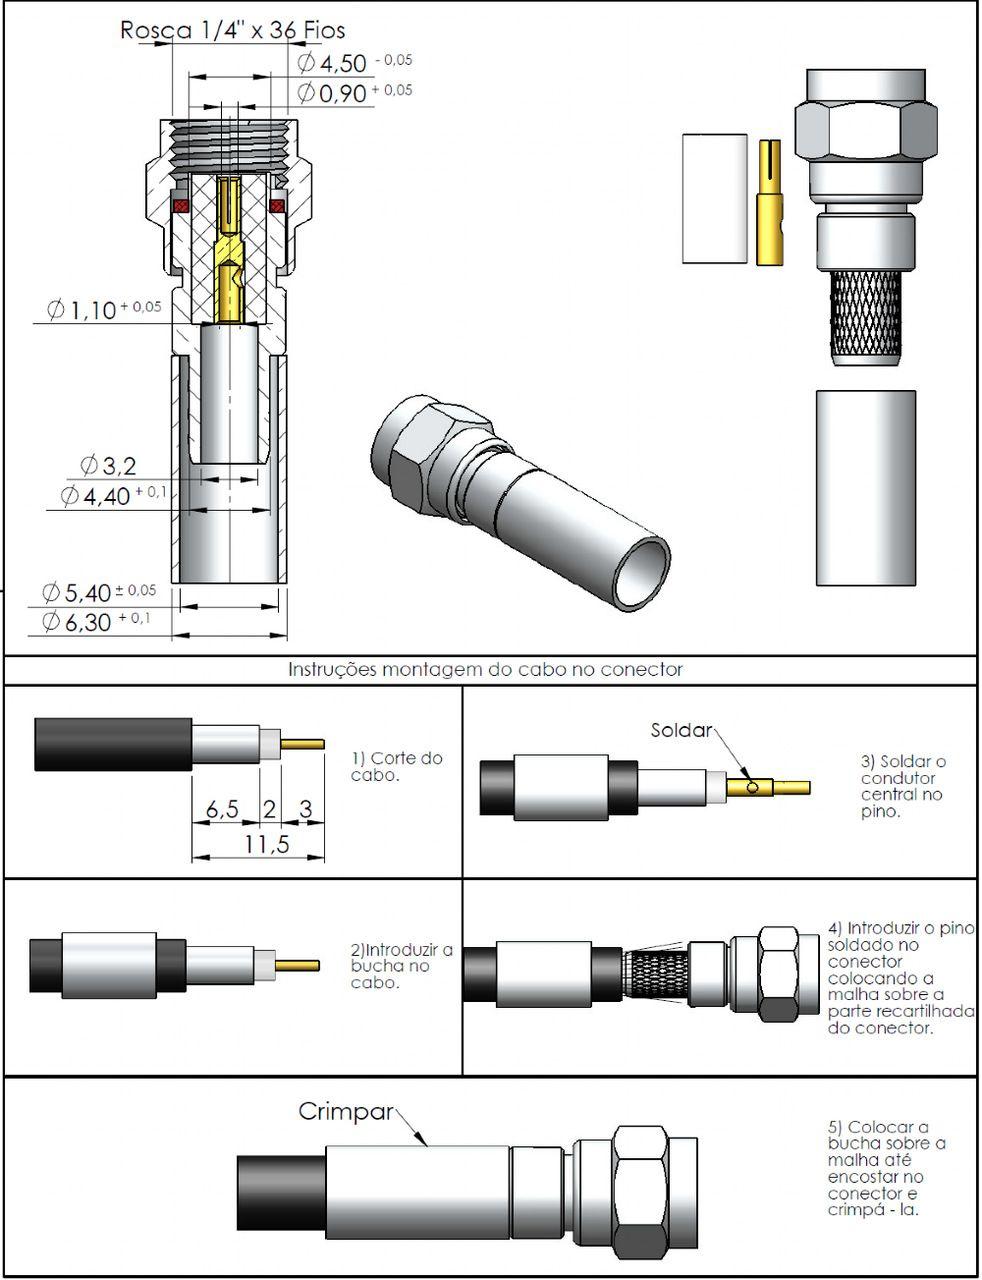 Conector SMA Macho Reverso Rg/Rgc-58 3057